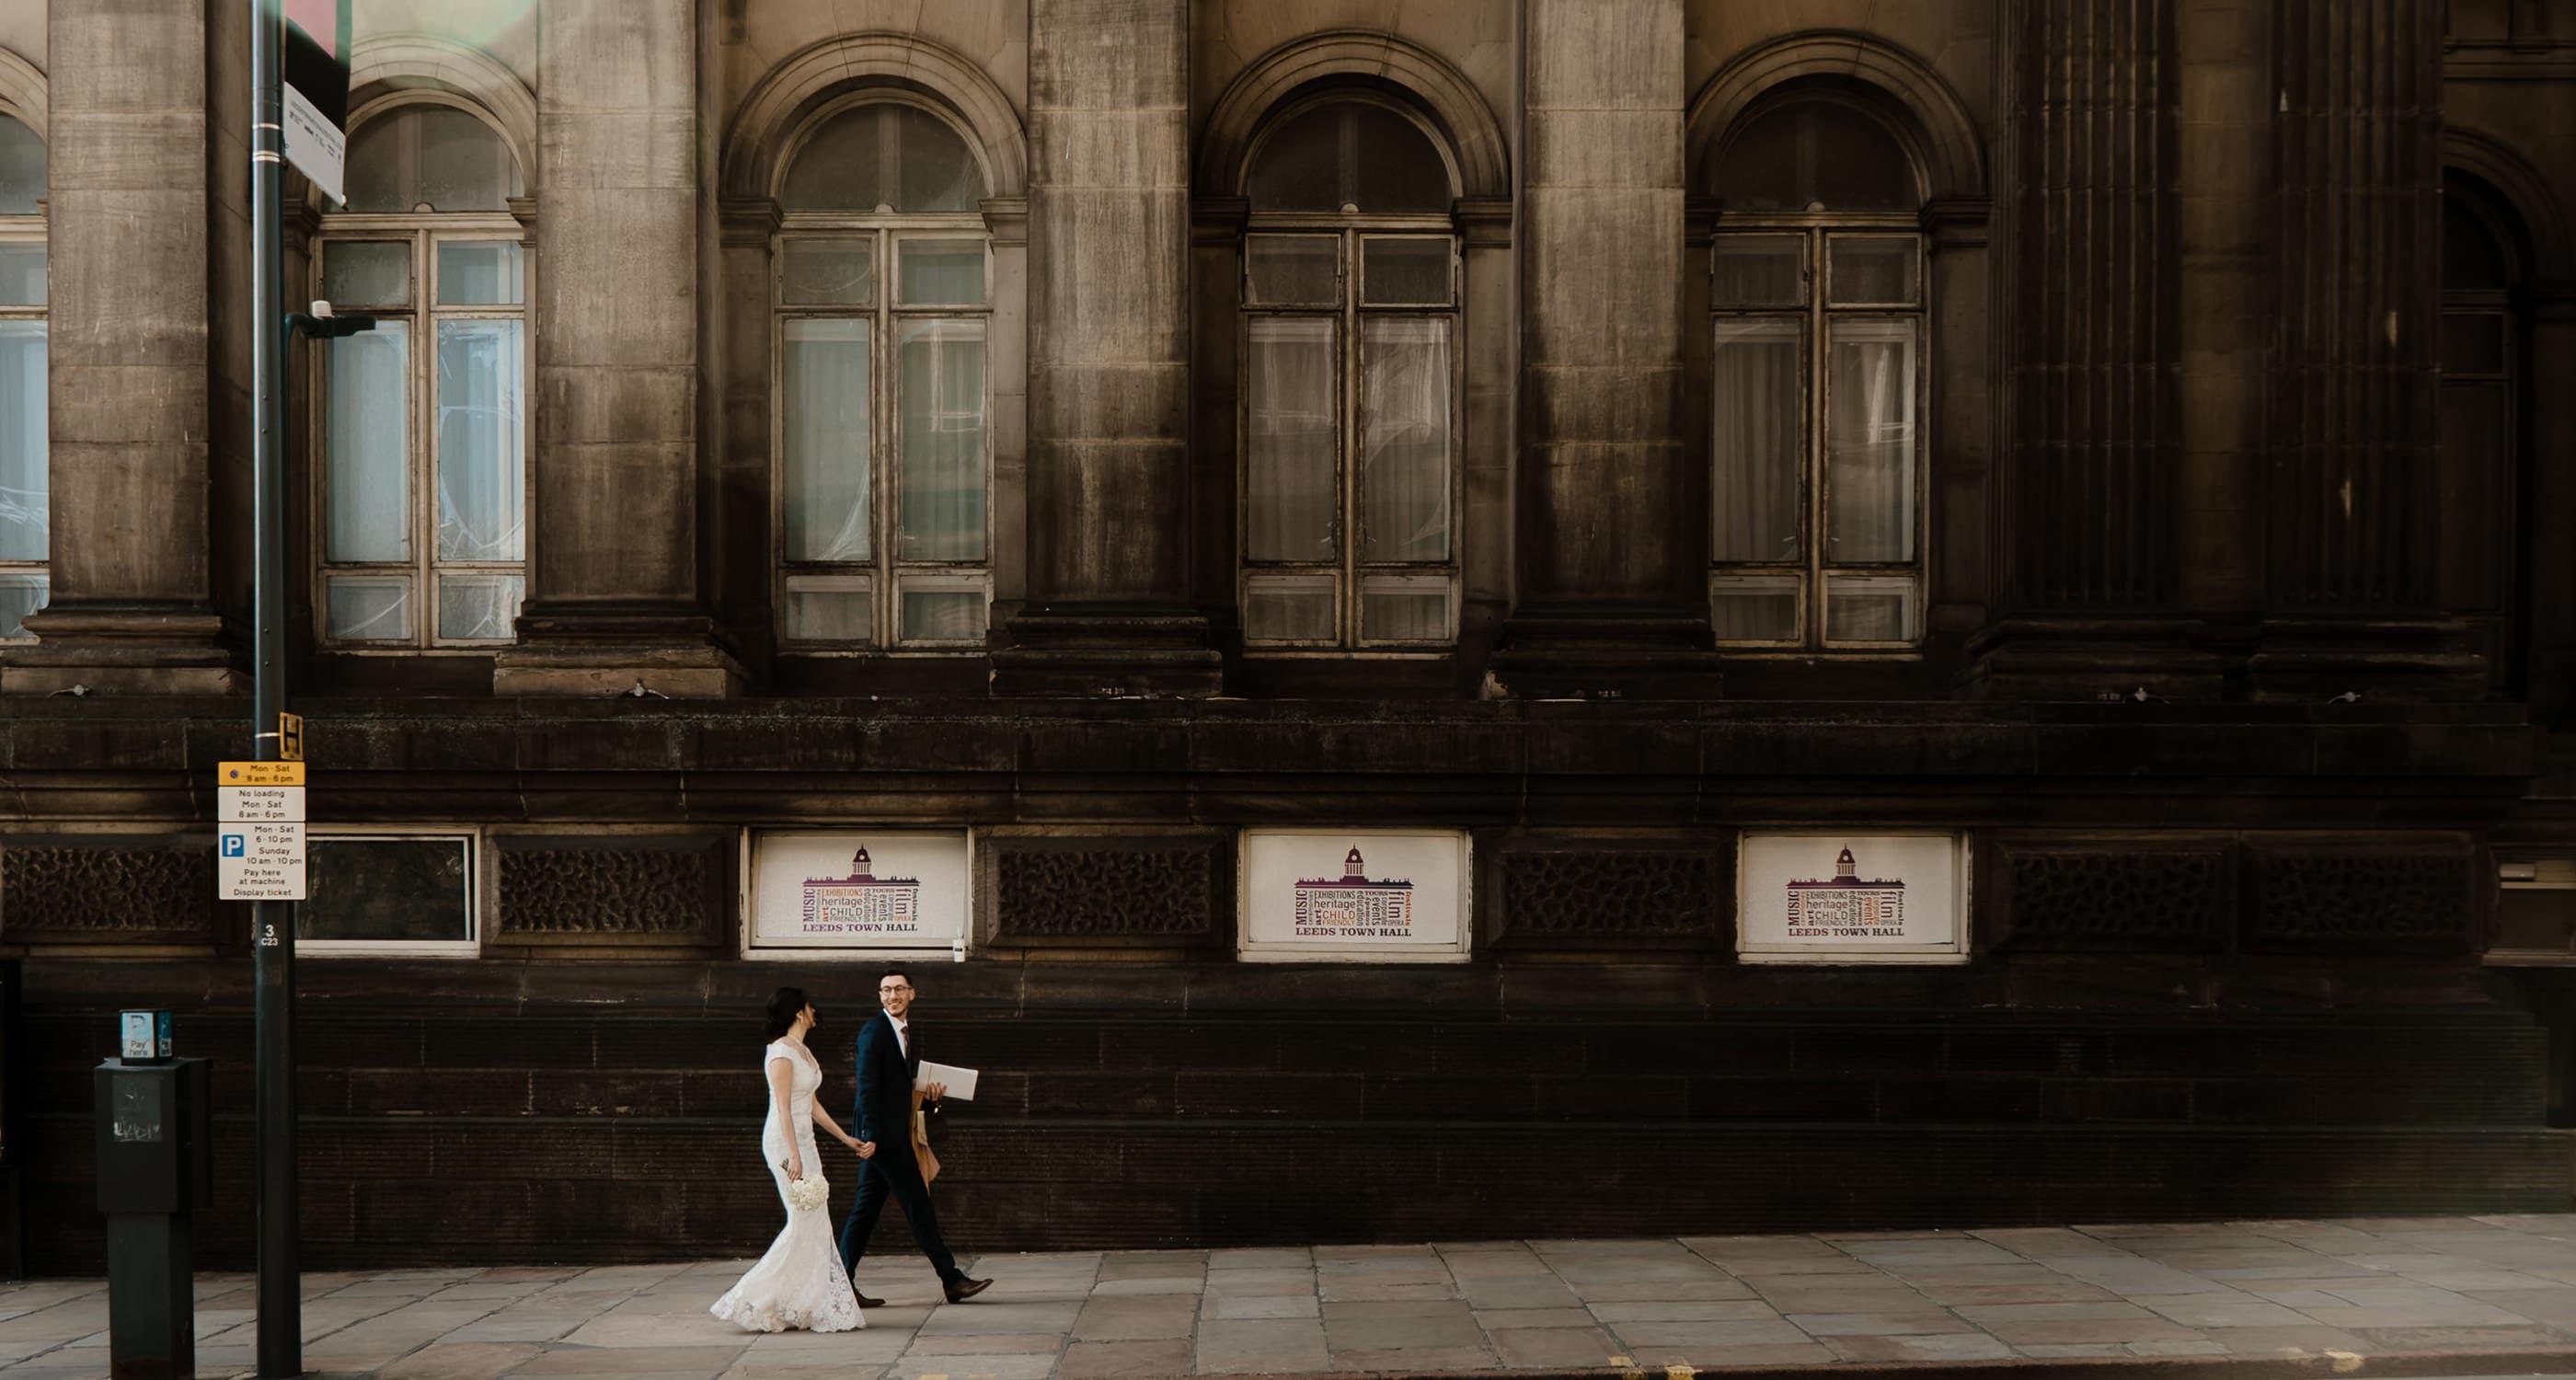 Wedding Venues in Leeds